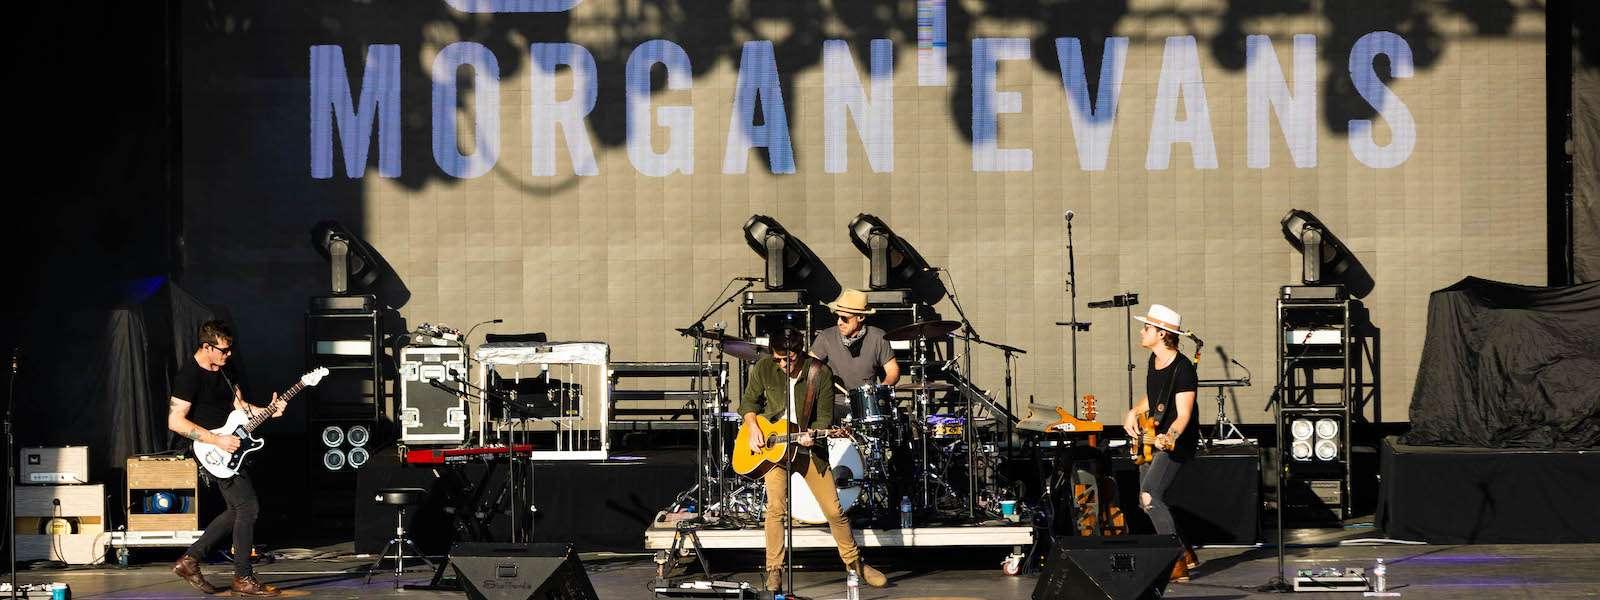 Morgan Evans Live